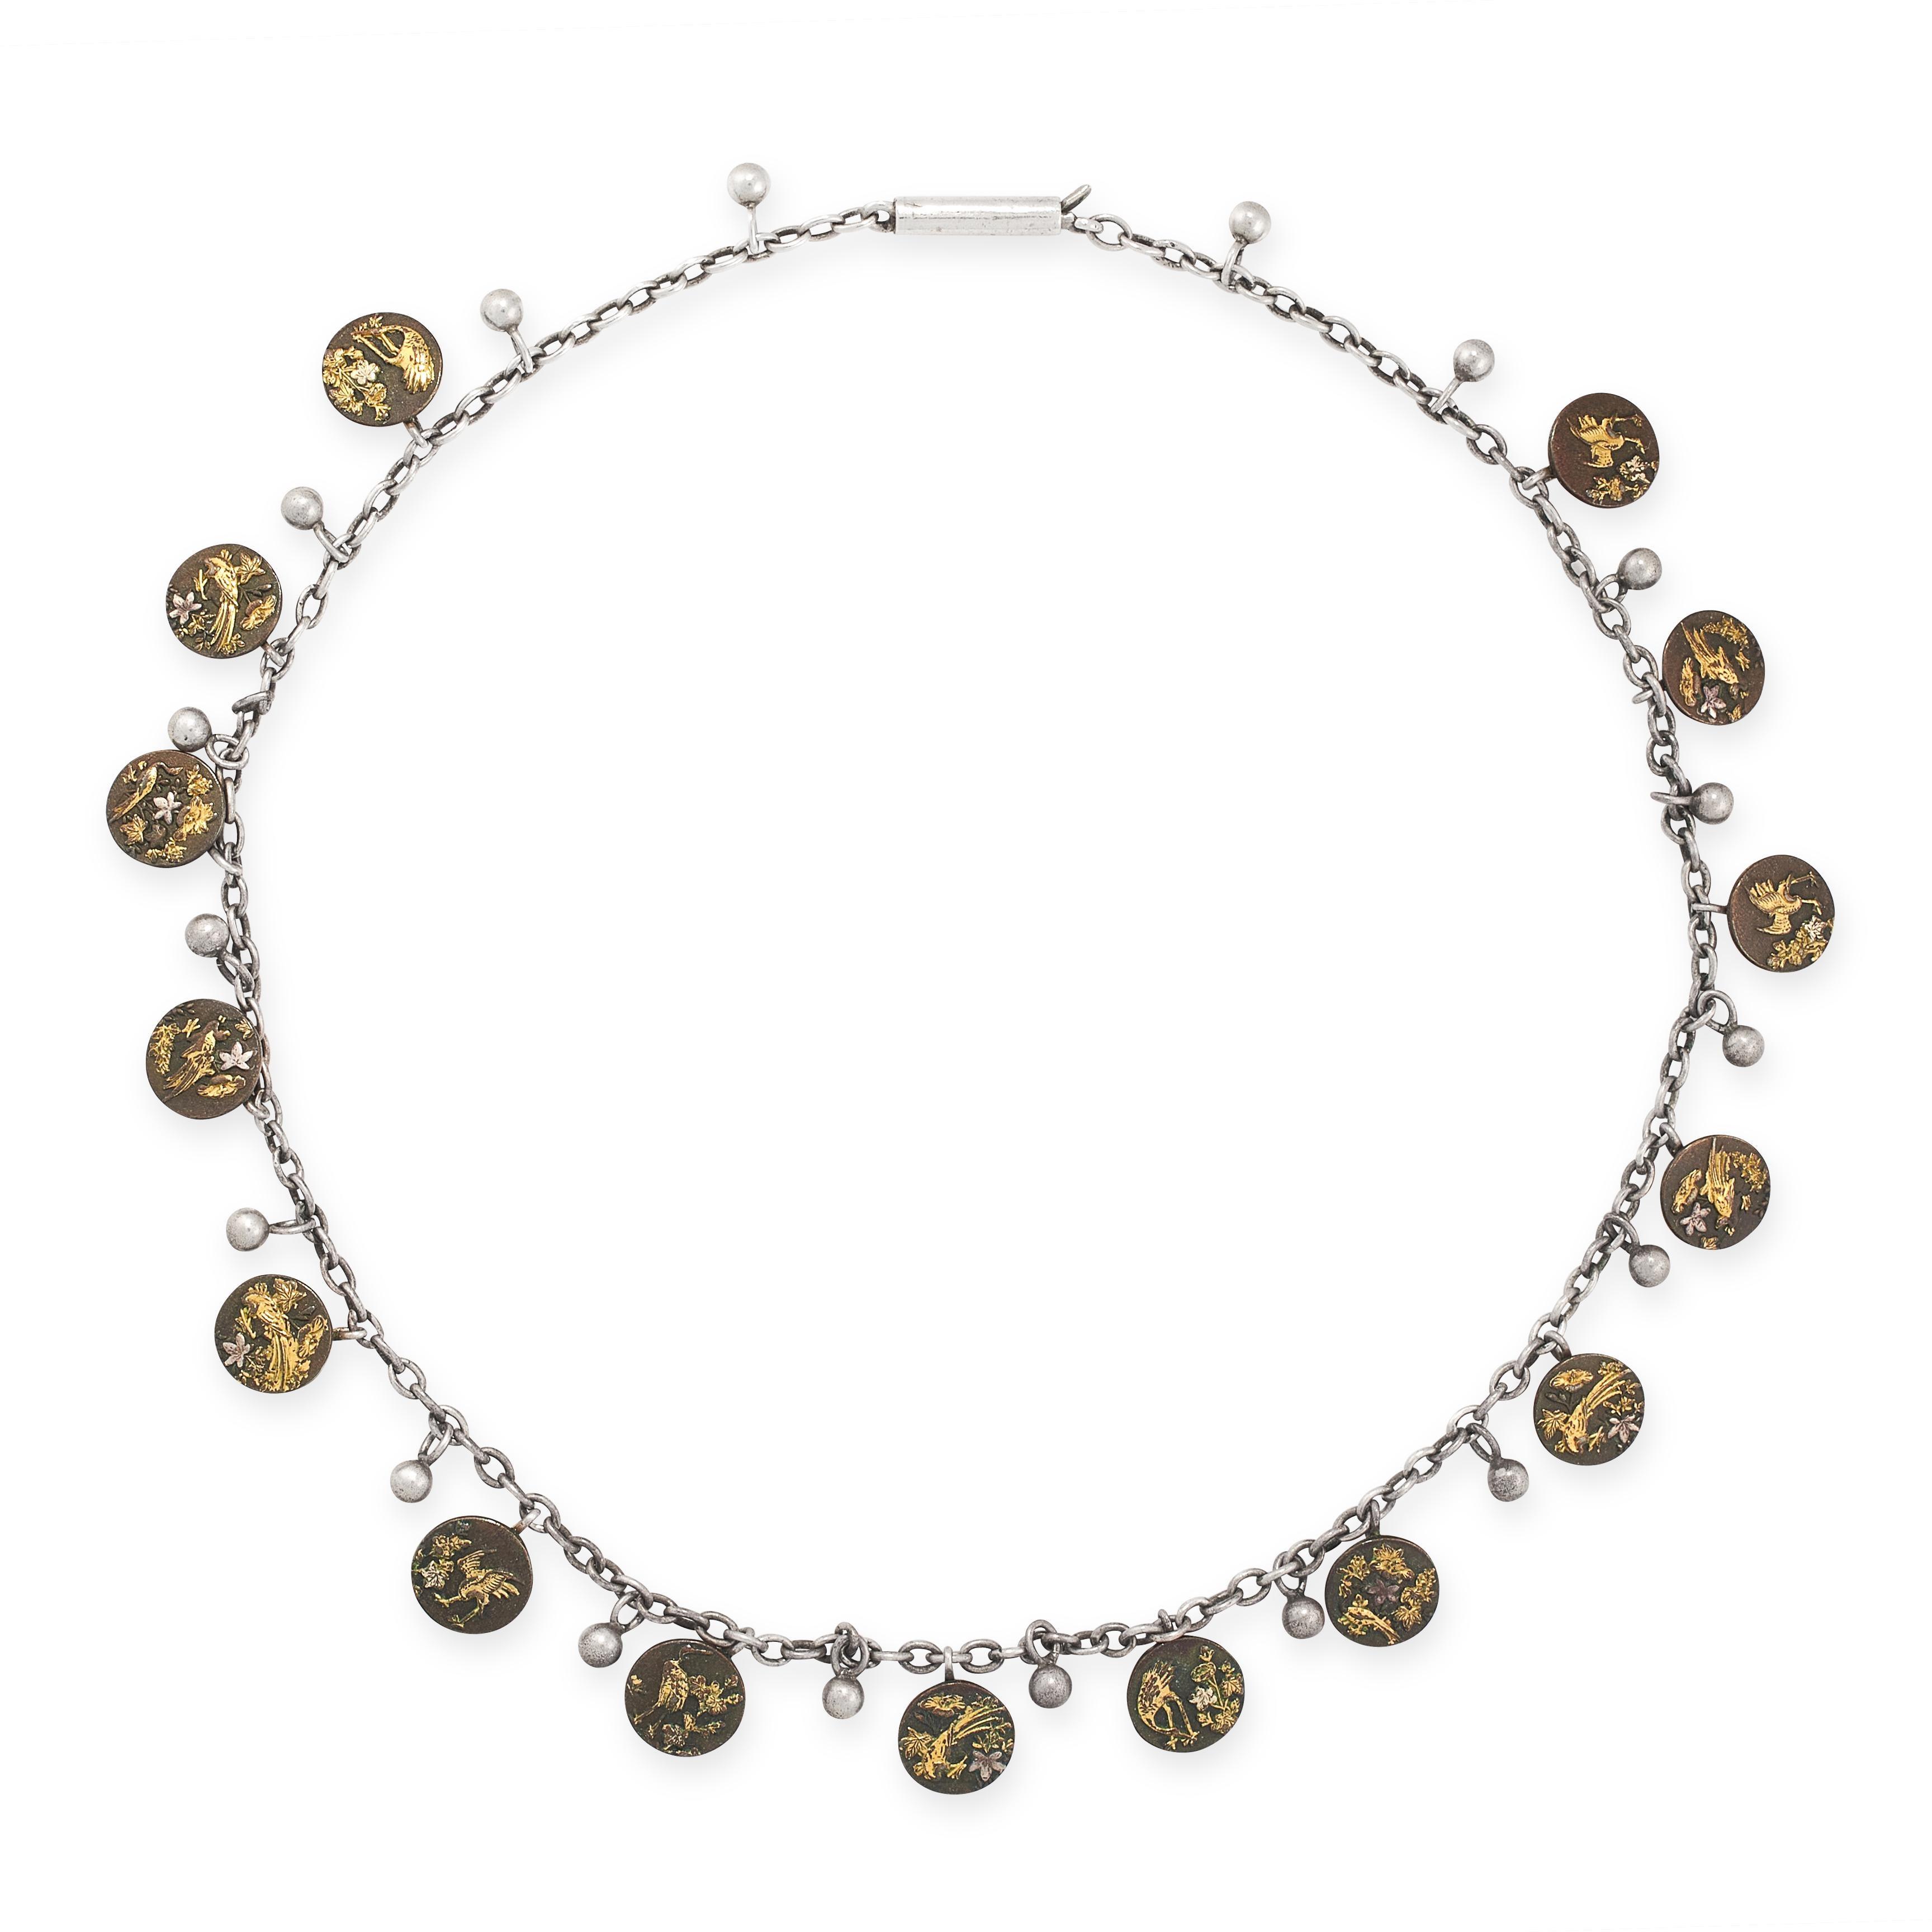 AN ANTIQUE JAPANESE SHAKUDO NECKLACE suspending fifteen circular pendants / charms with shakudo